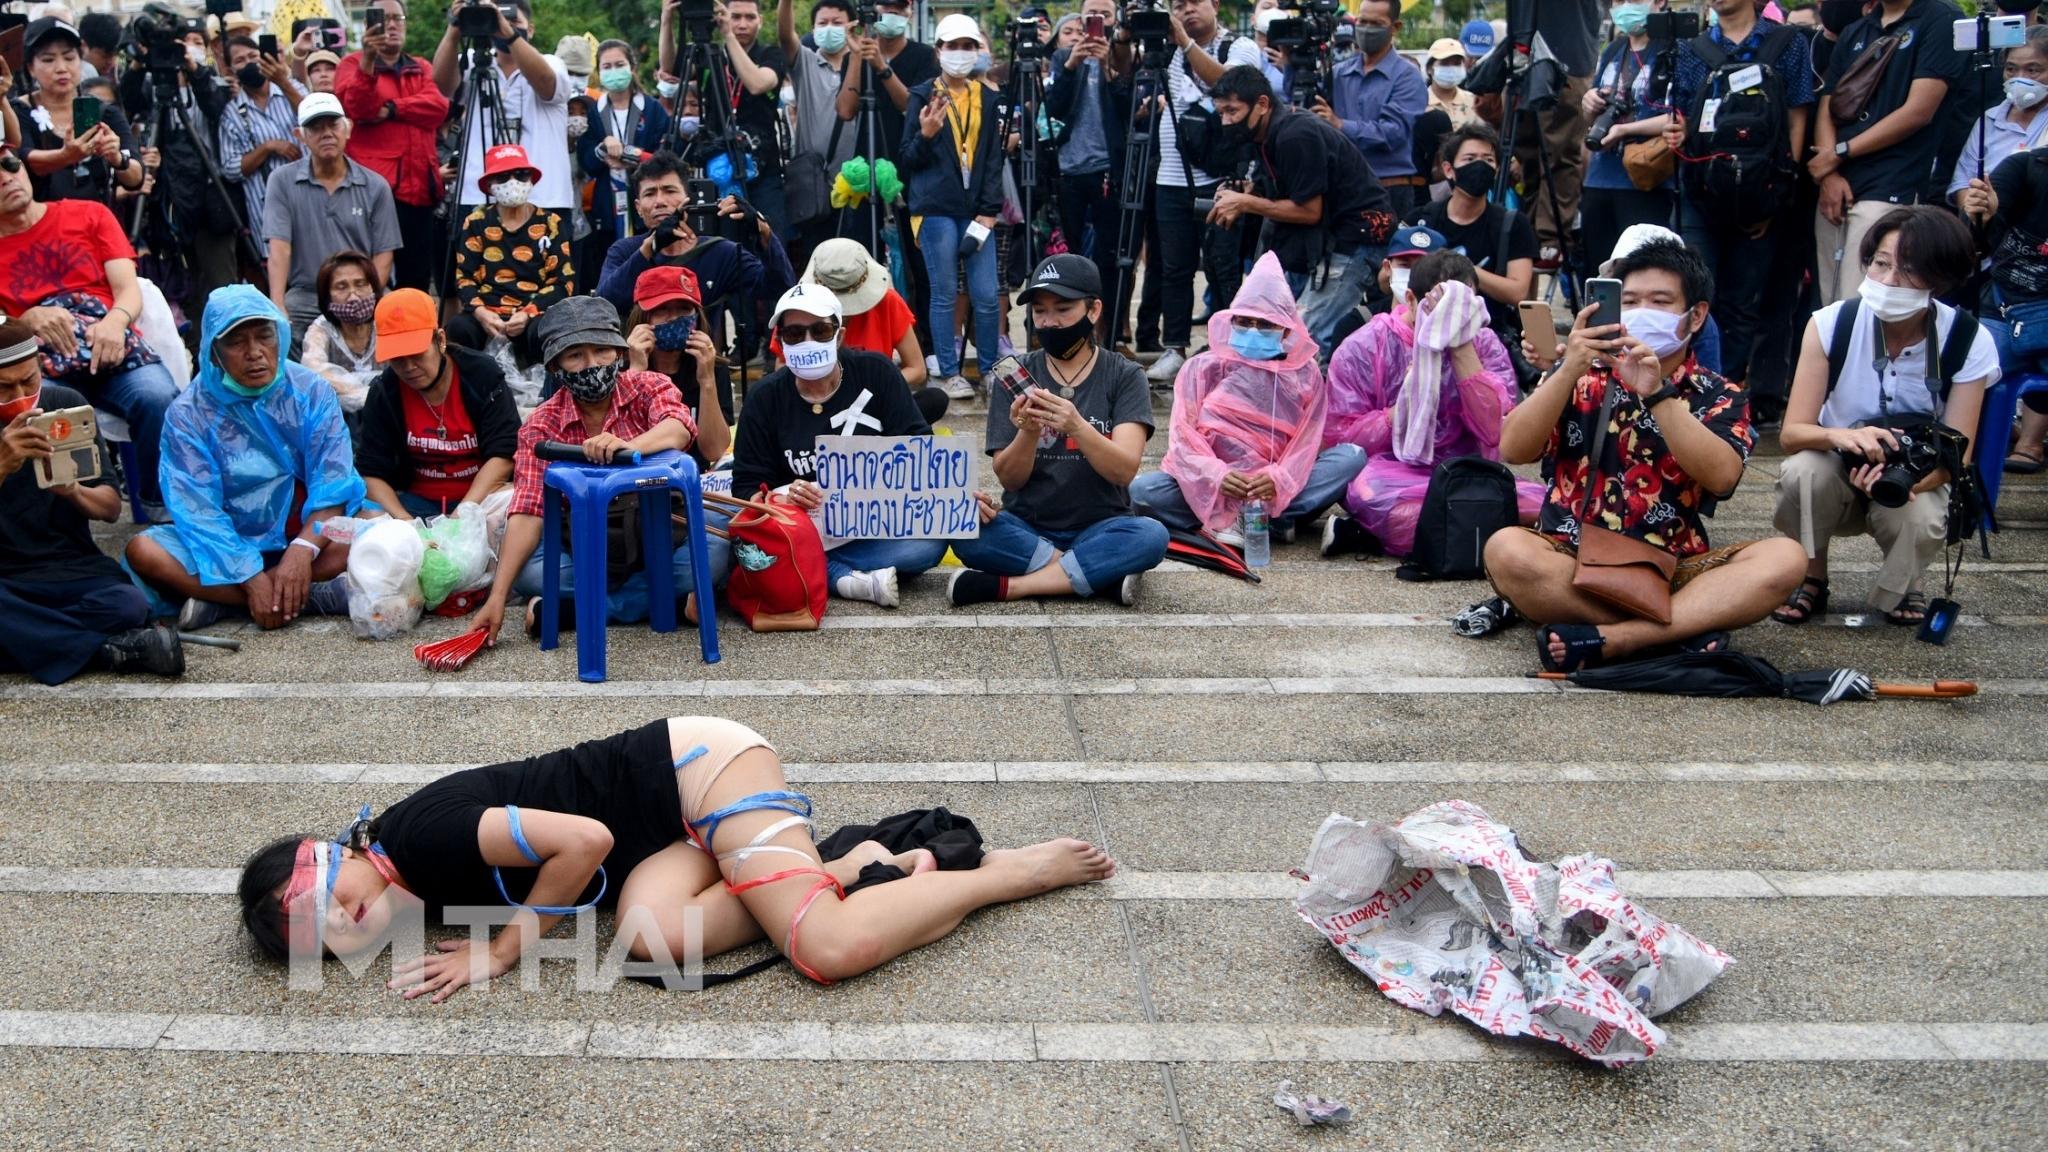 การเมืองไทย นิด้าโพล แสดงความเห็นทางการเมือง